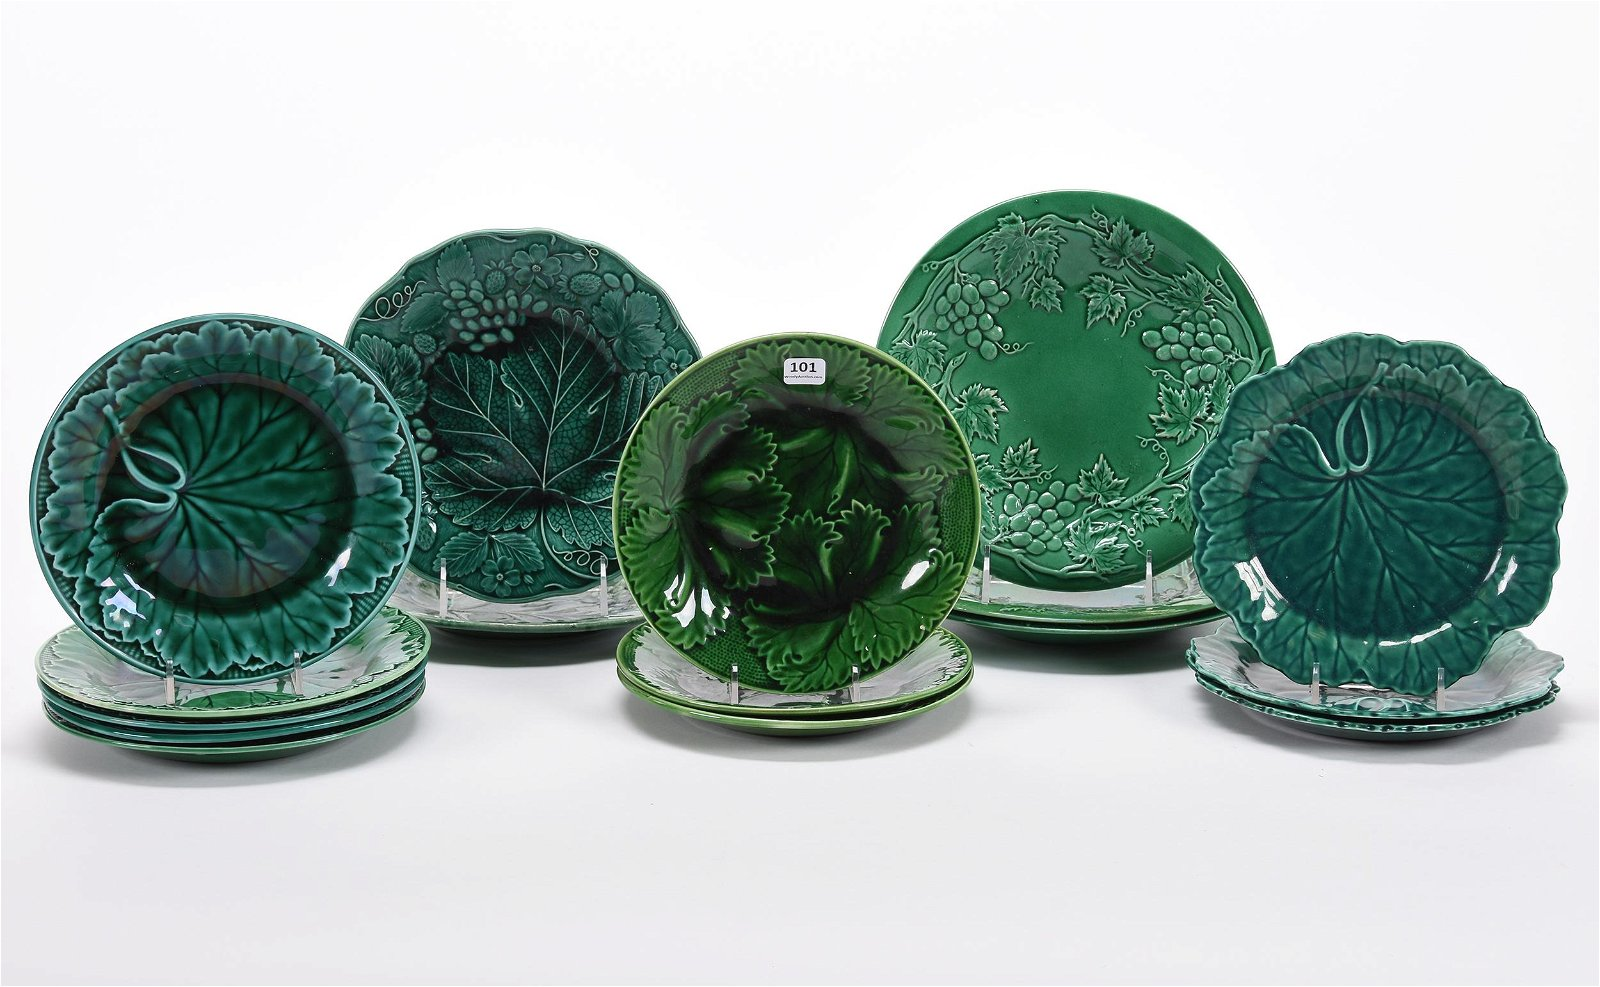 (16) Plates, Wedgwood & Wedgwood Style Leaf Mold